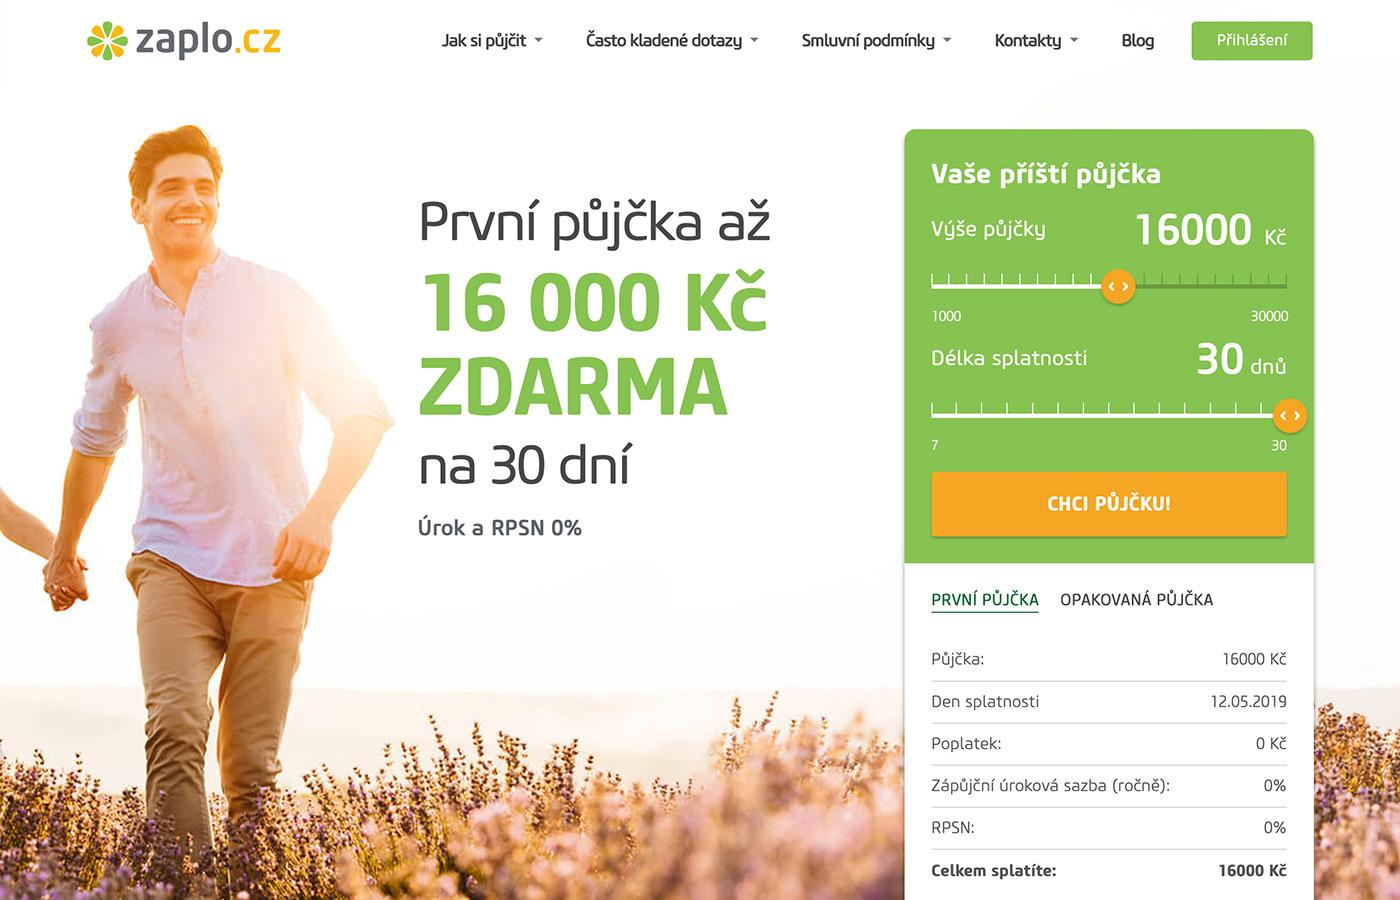 Náhled webových stránek www.zaplo.cz